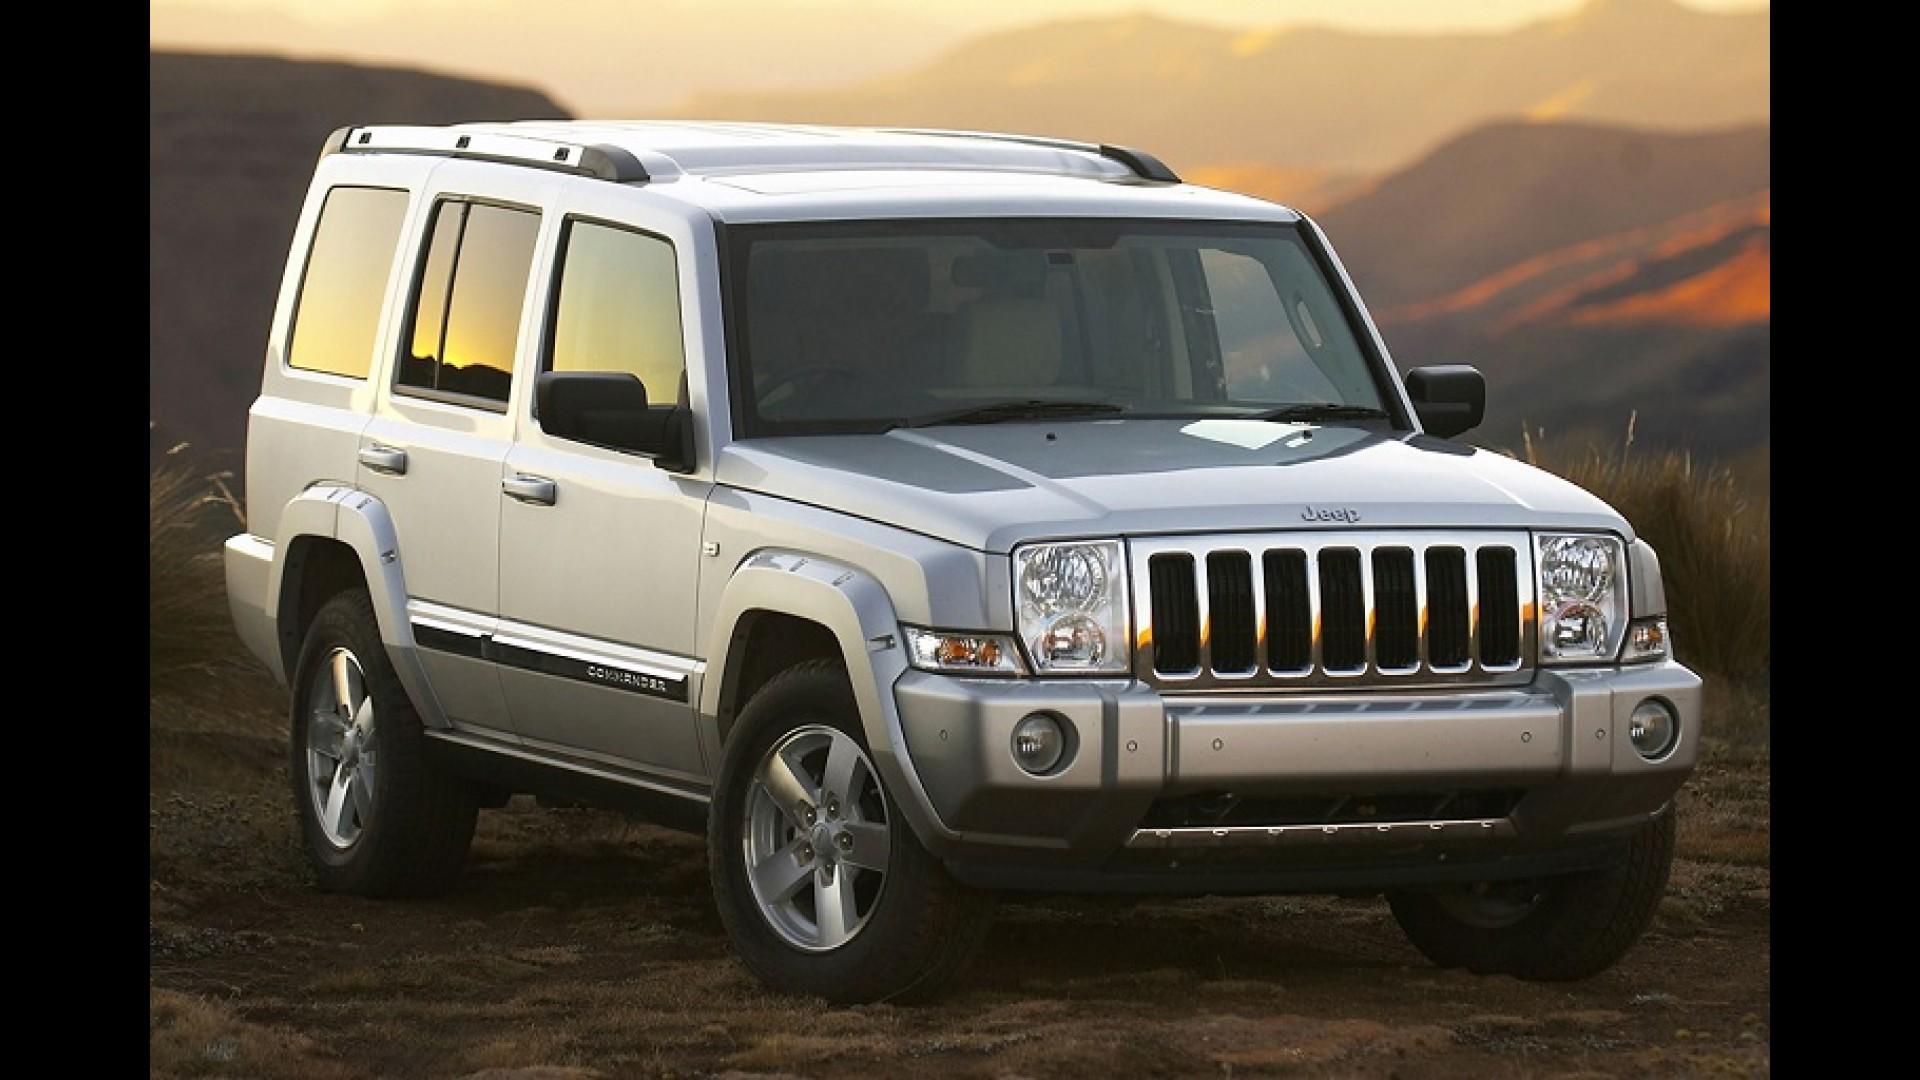 Https://br.motor1.com/news/120704/jeep  Volta A Falar Em Suv Top De Linha Para Ficar Acima Do Grand Cherokee/ Jeep  Geral, Jeep Grand Wagoneer, Jeep SUV, Jeep ...